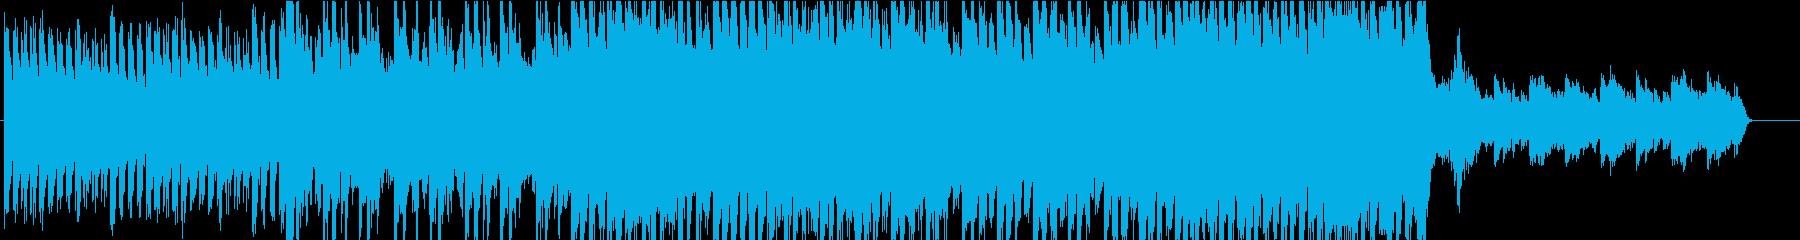 悲しげでビートのあるオーケストラ曲の再生済みの波形